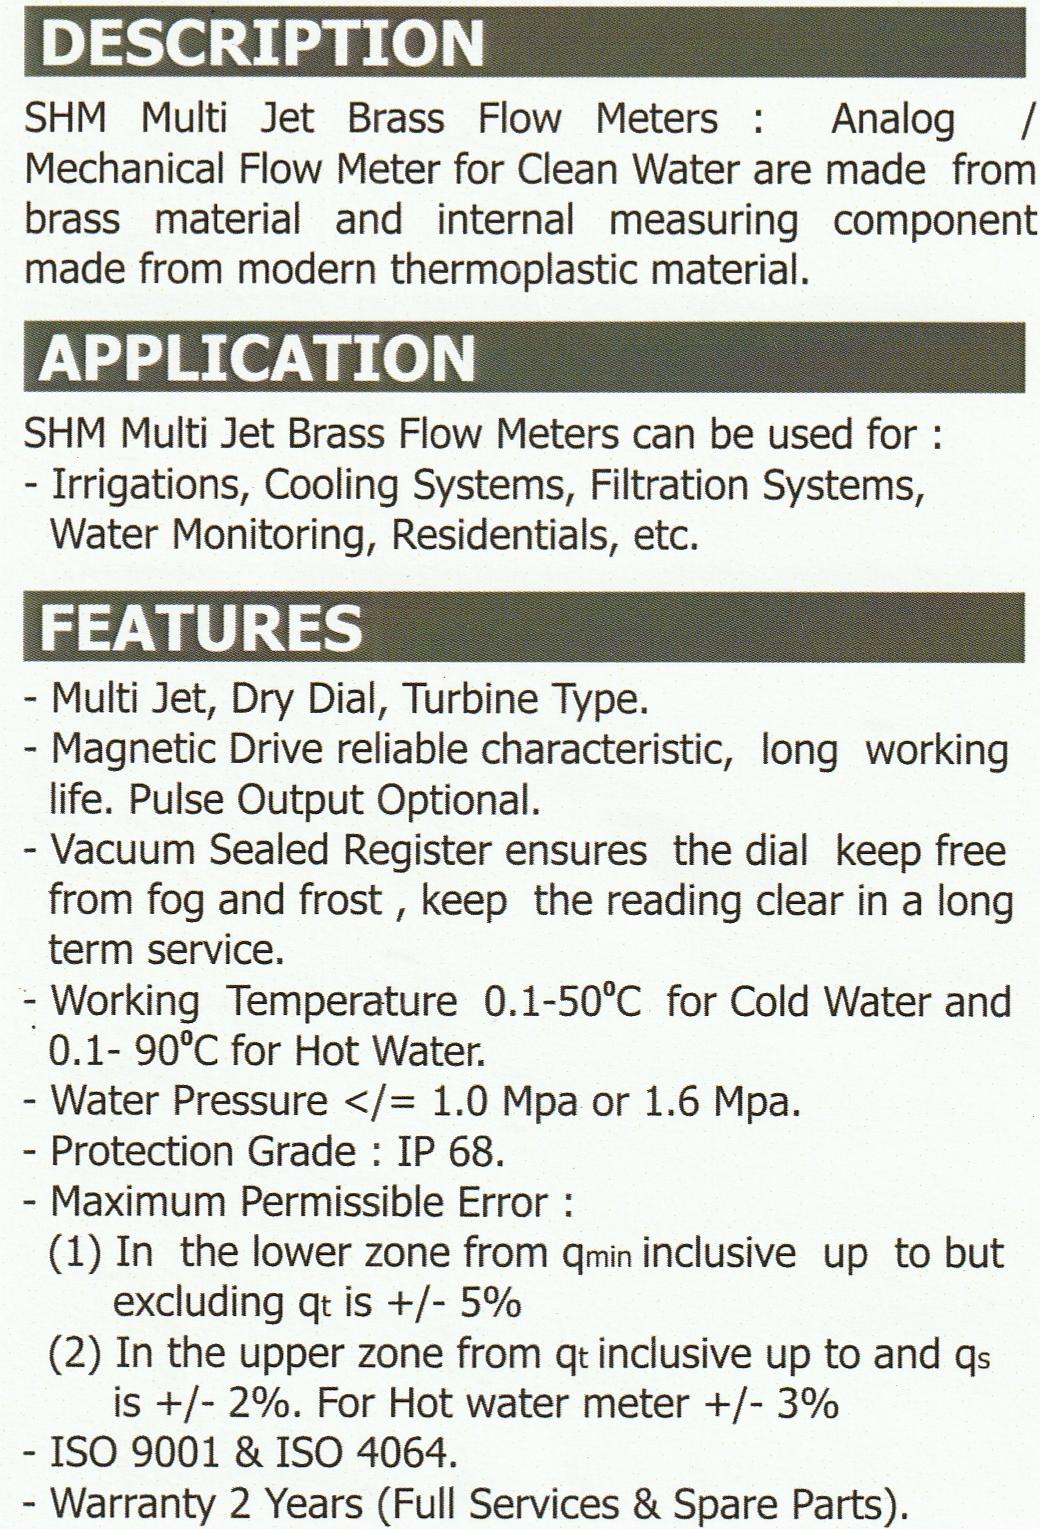 SHM-MULTIJET-BRASS-FLOWMETER-KATALOG-1 JUAL SHM MULTIJET BRASS FLOWMETER